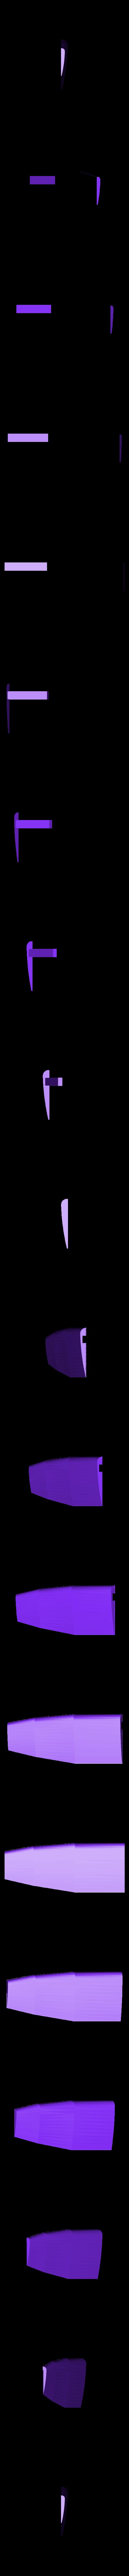 rudder_left.stl Télécharger fichier STL gratuit Voilier à voile • Objet pour impression 3D, Rusichar